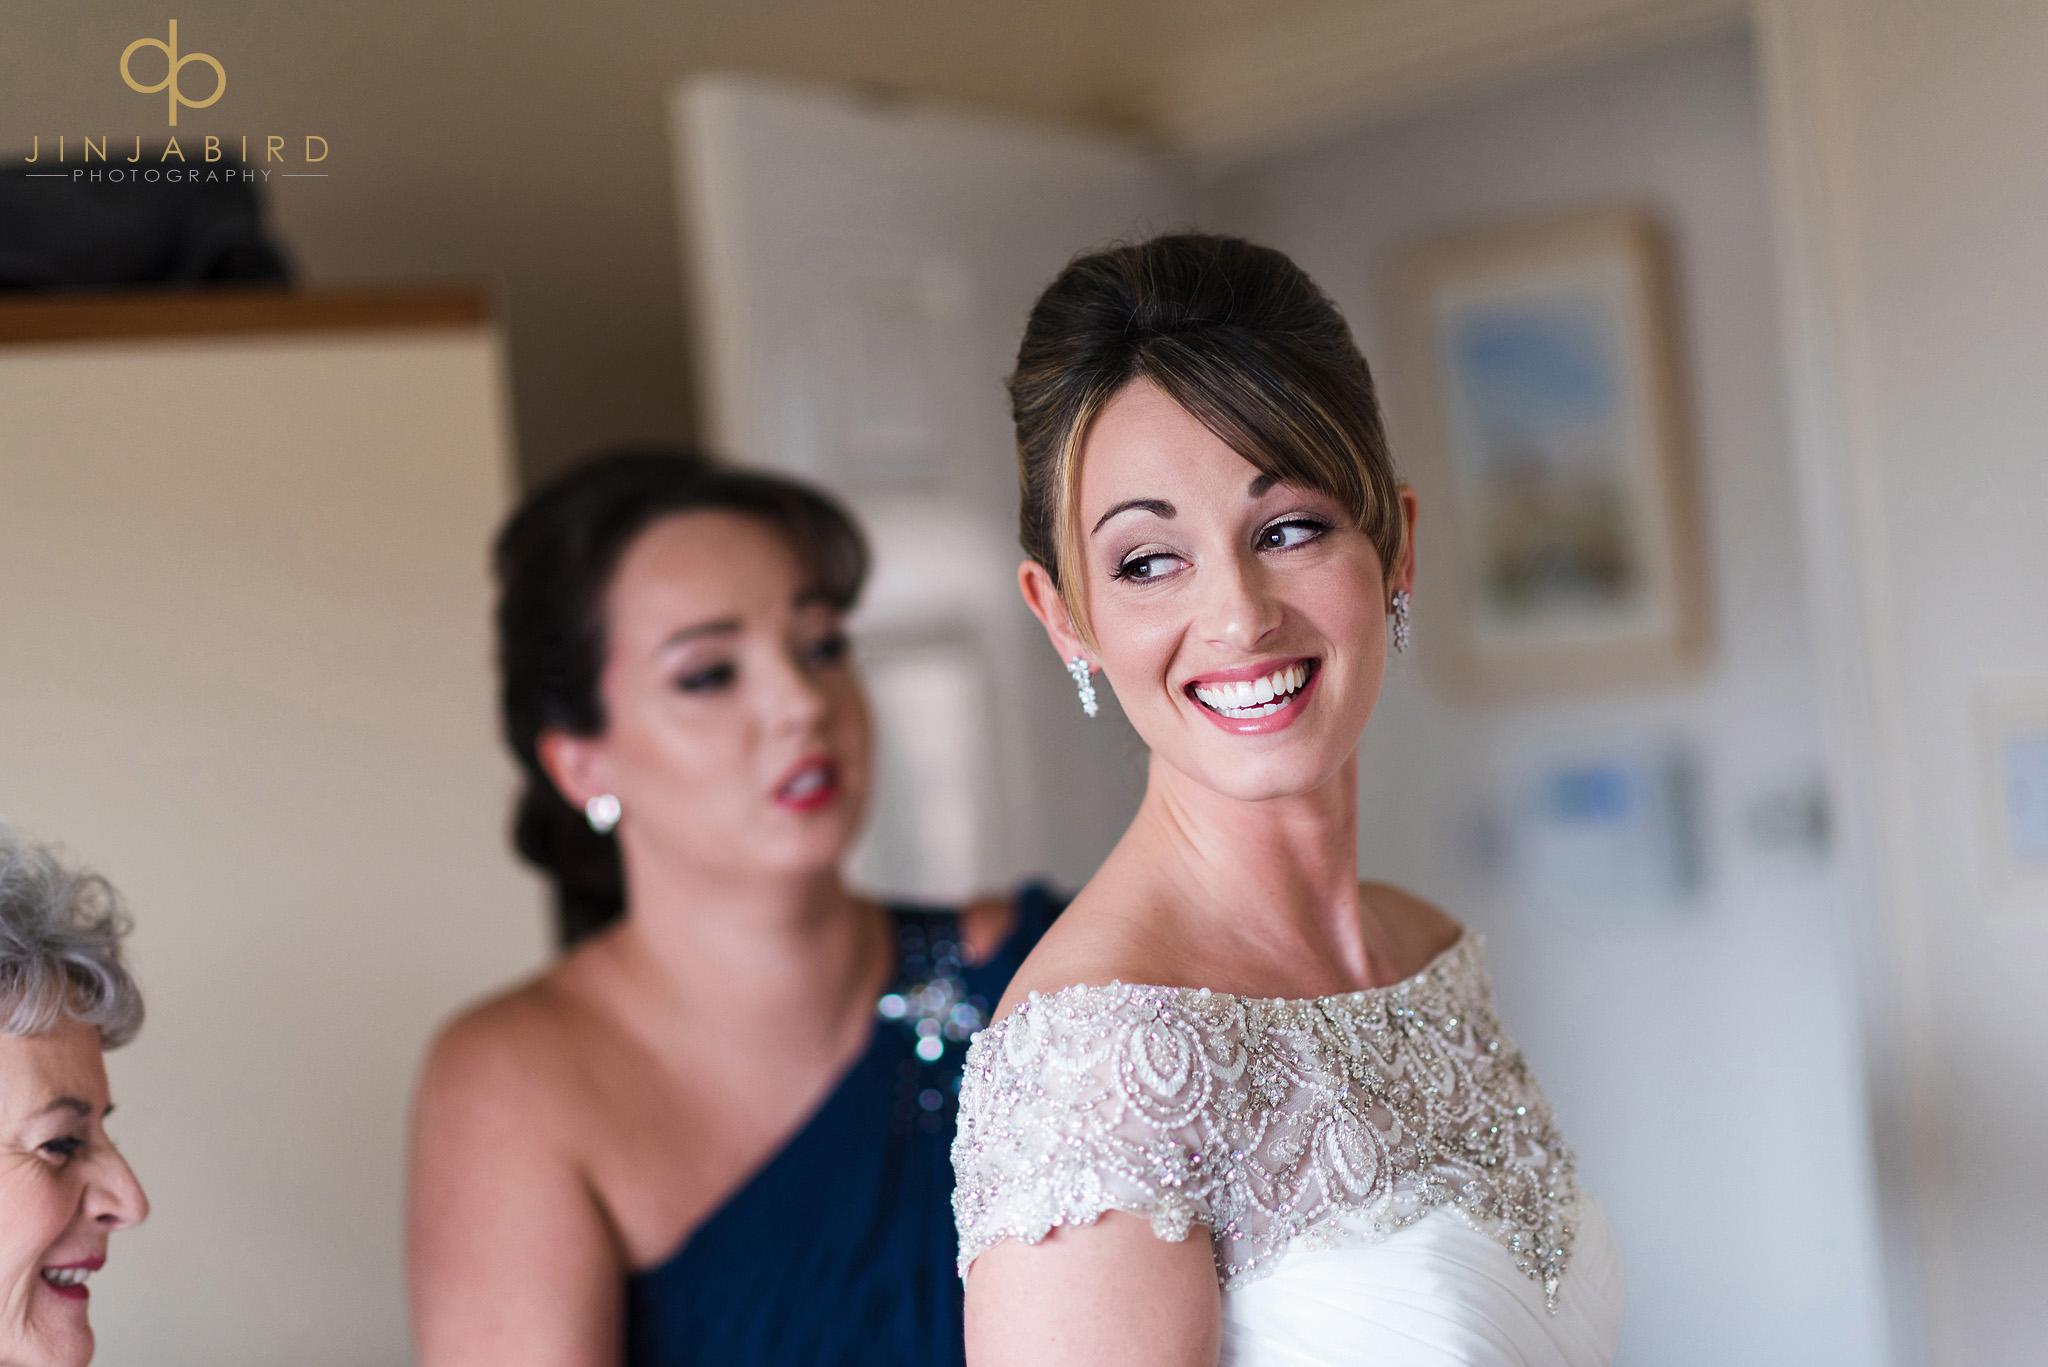 pretty bride getting ready